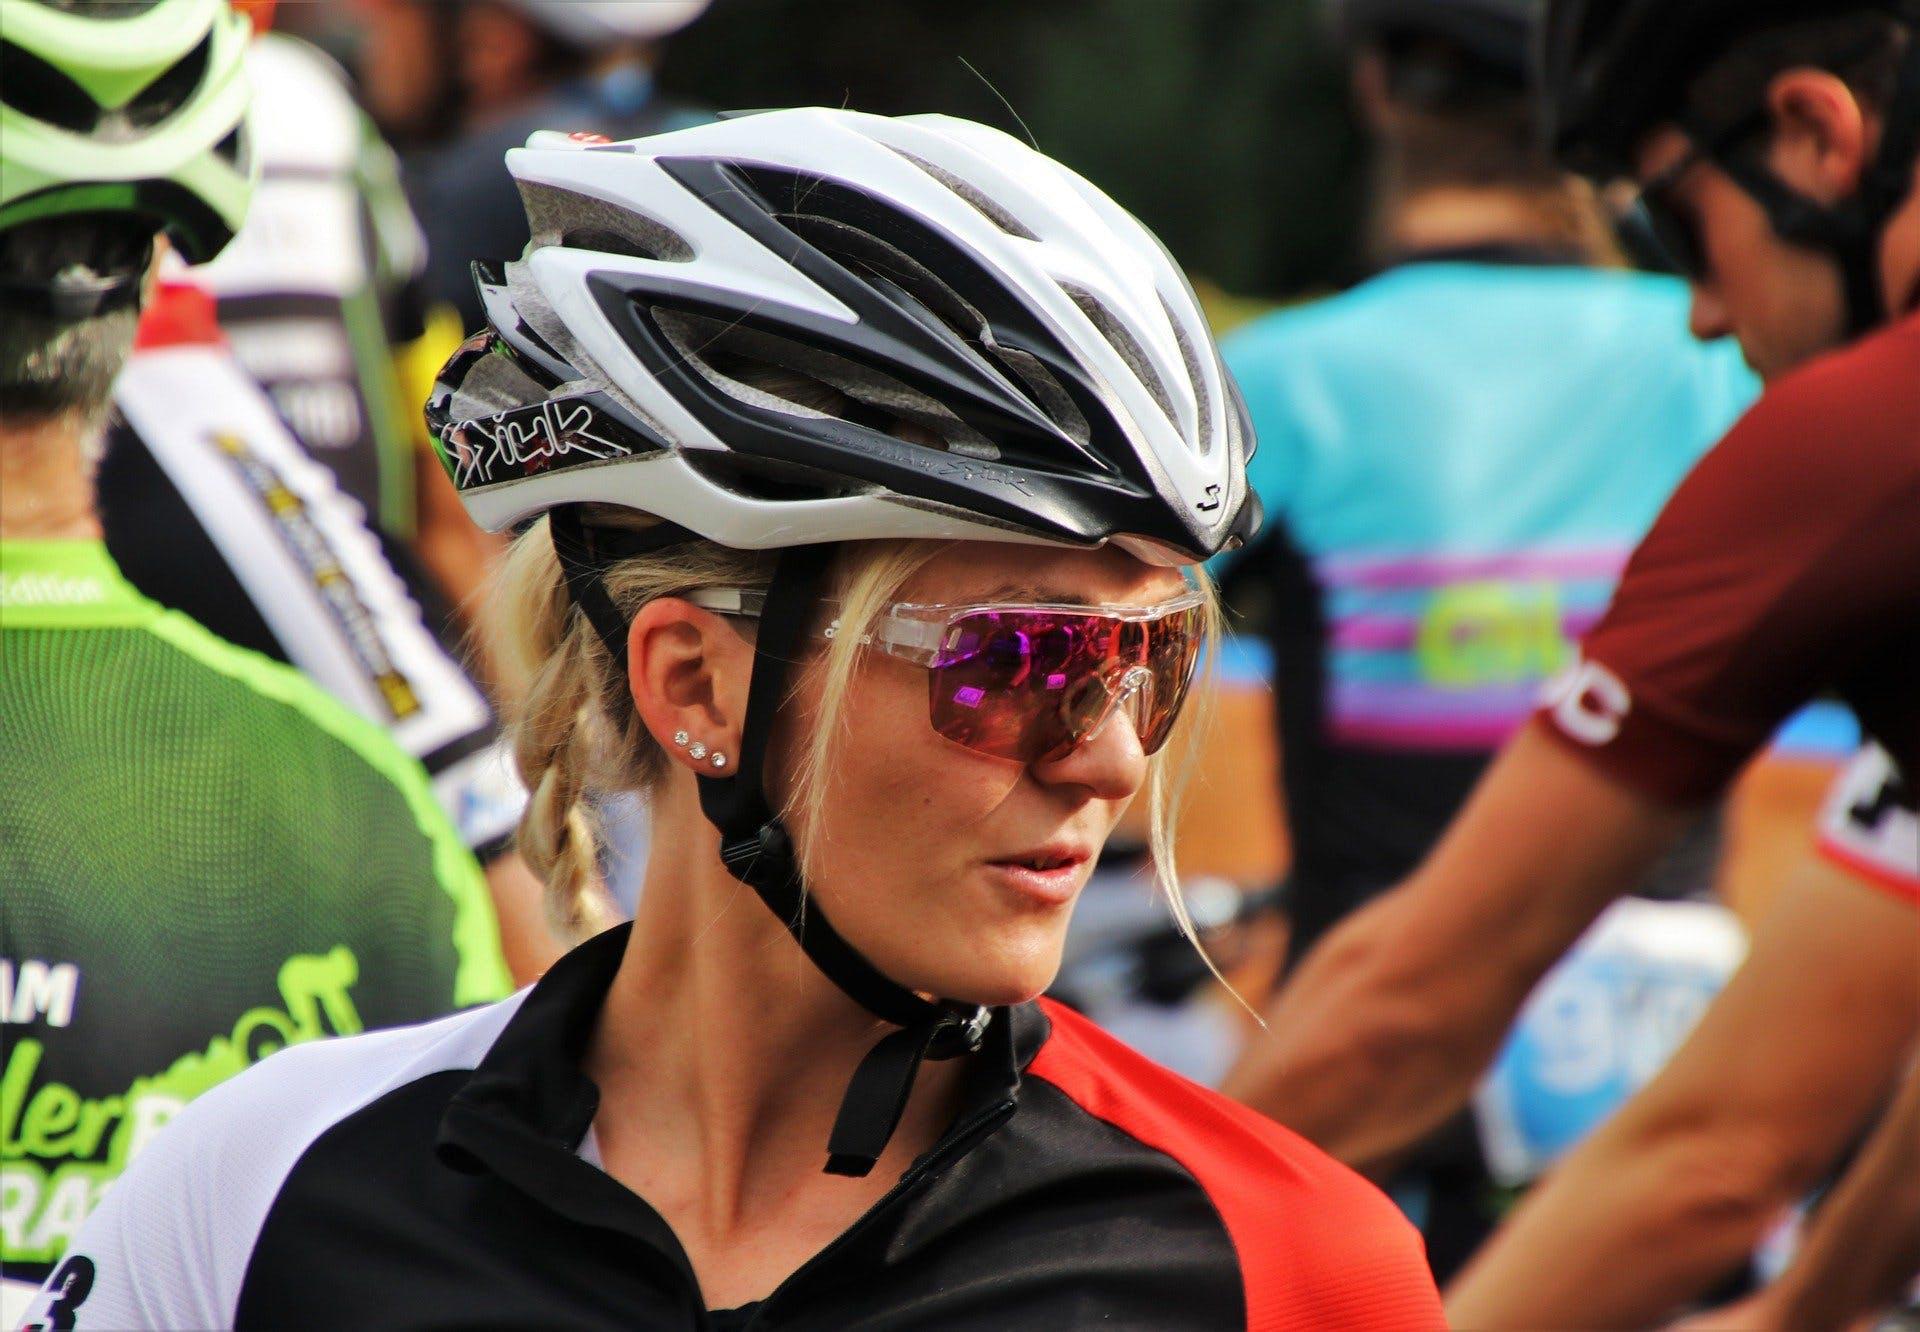 ciclista usando capacete e óculos